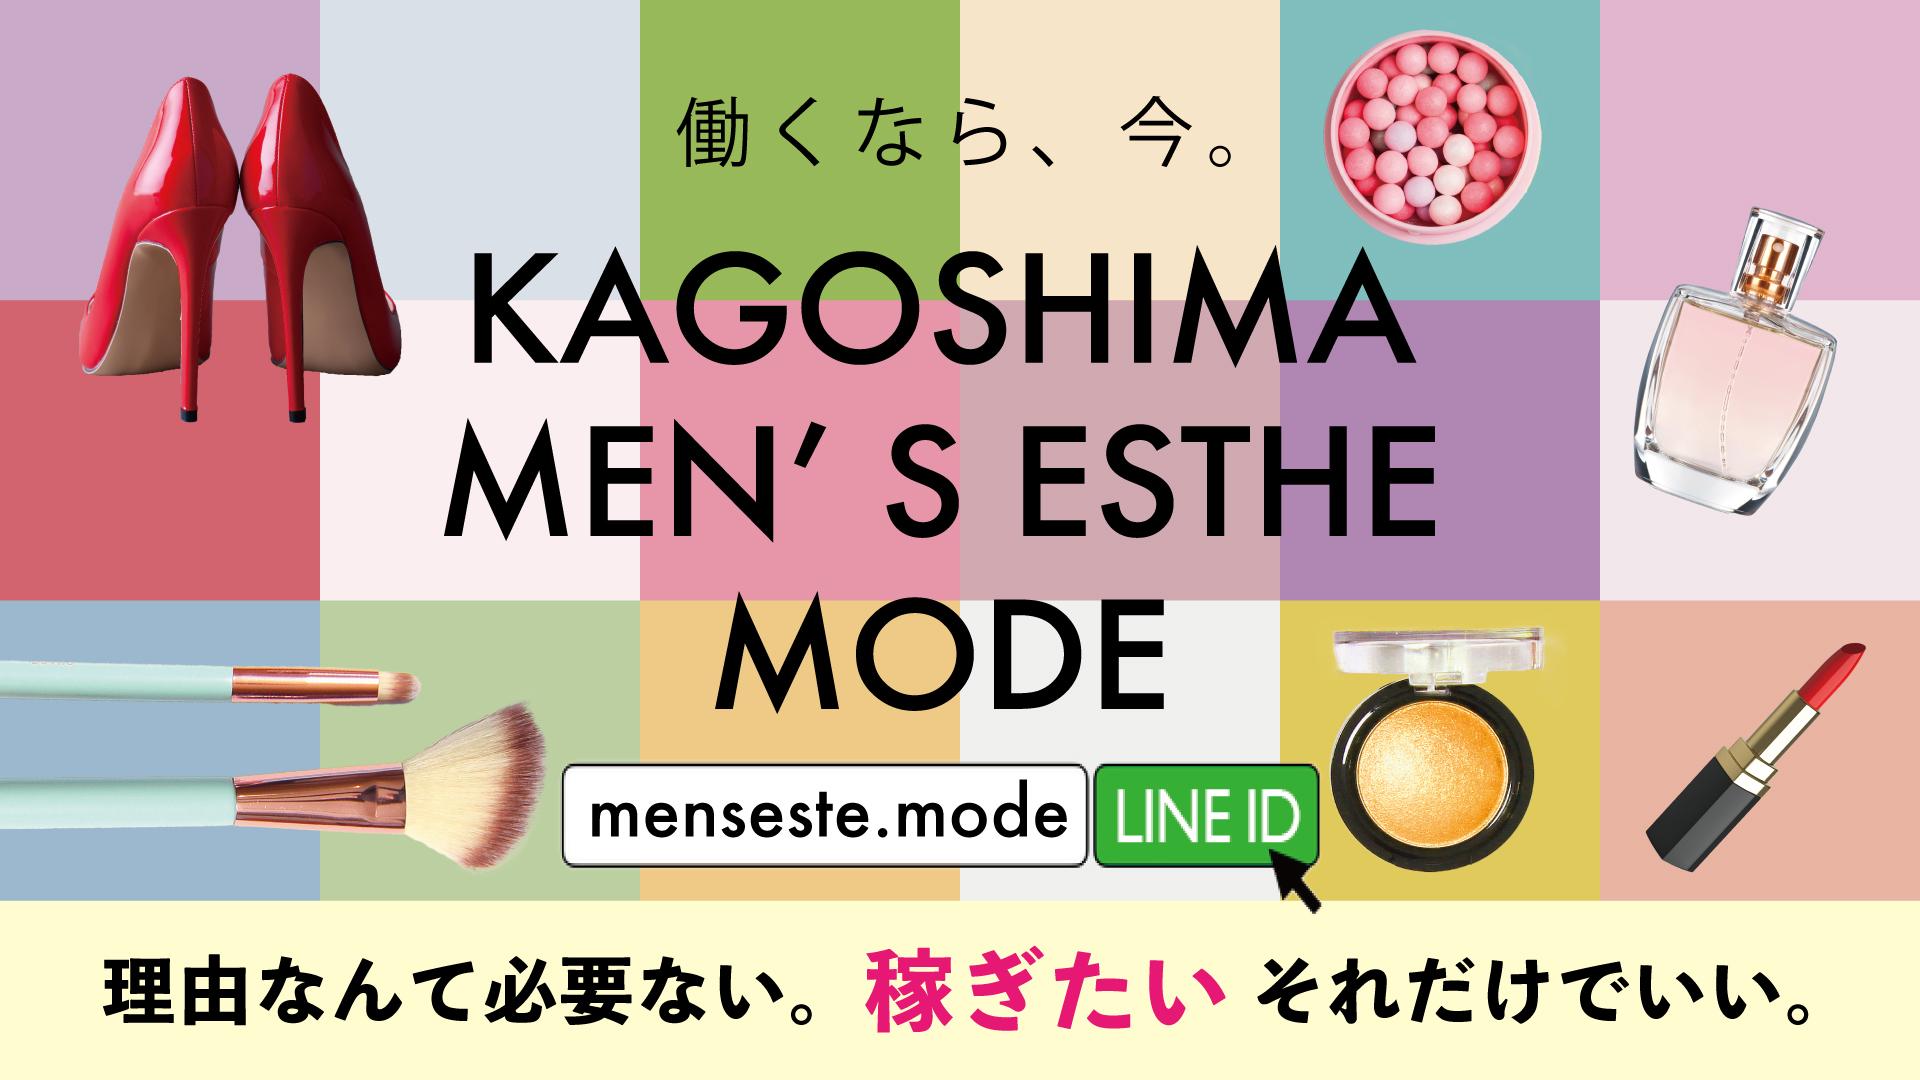 鹿児島メンズエステMODE(モード)の求人画像